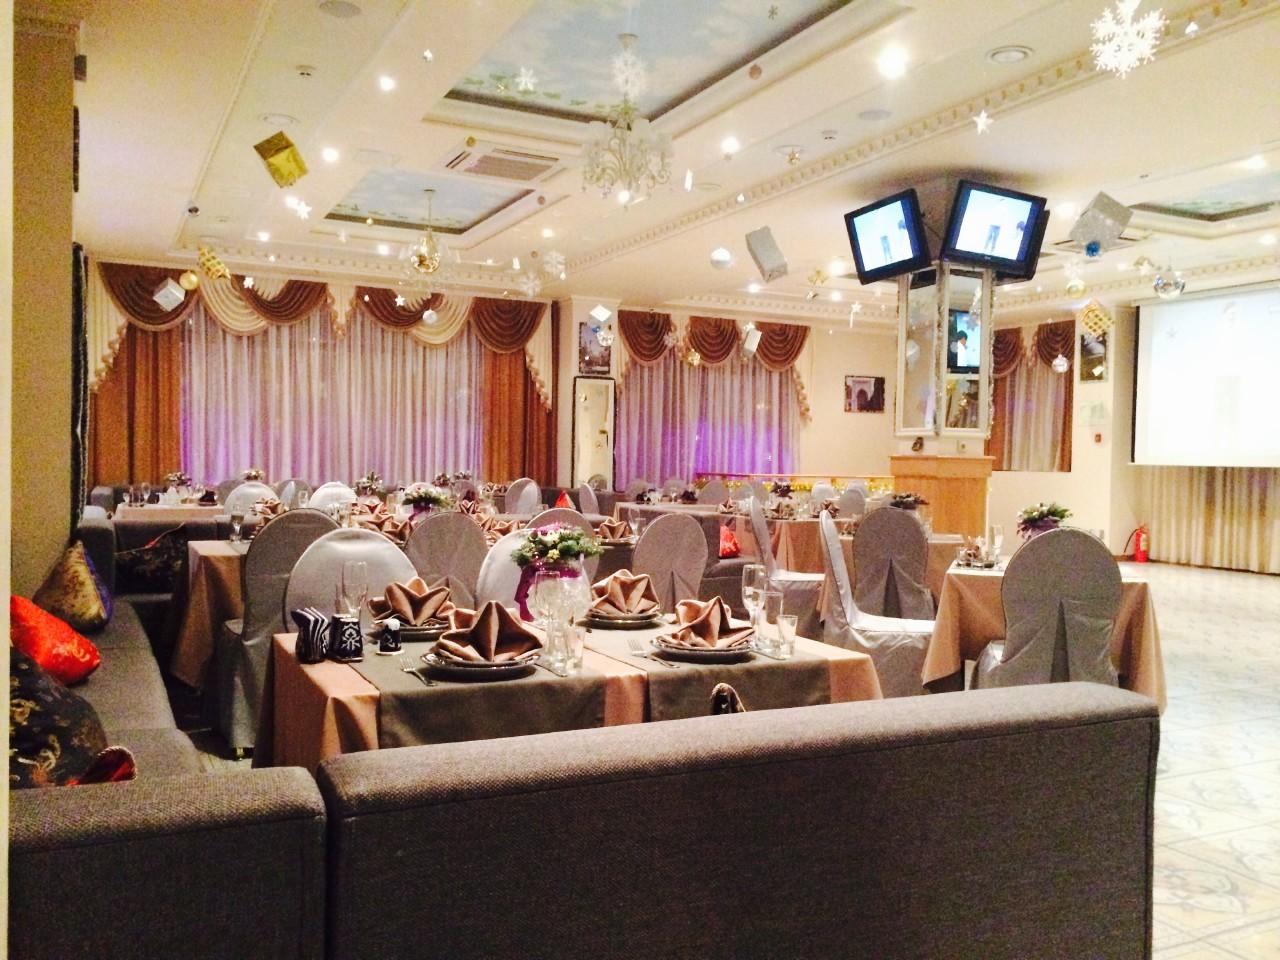 Ресторан Инжир (INJIR IN BEER) фото 6